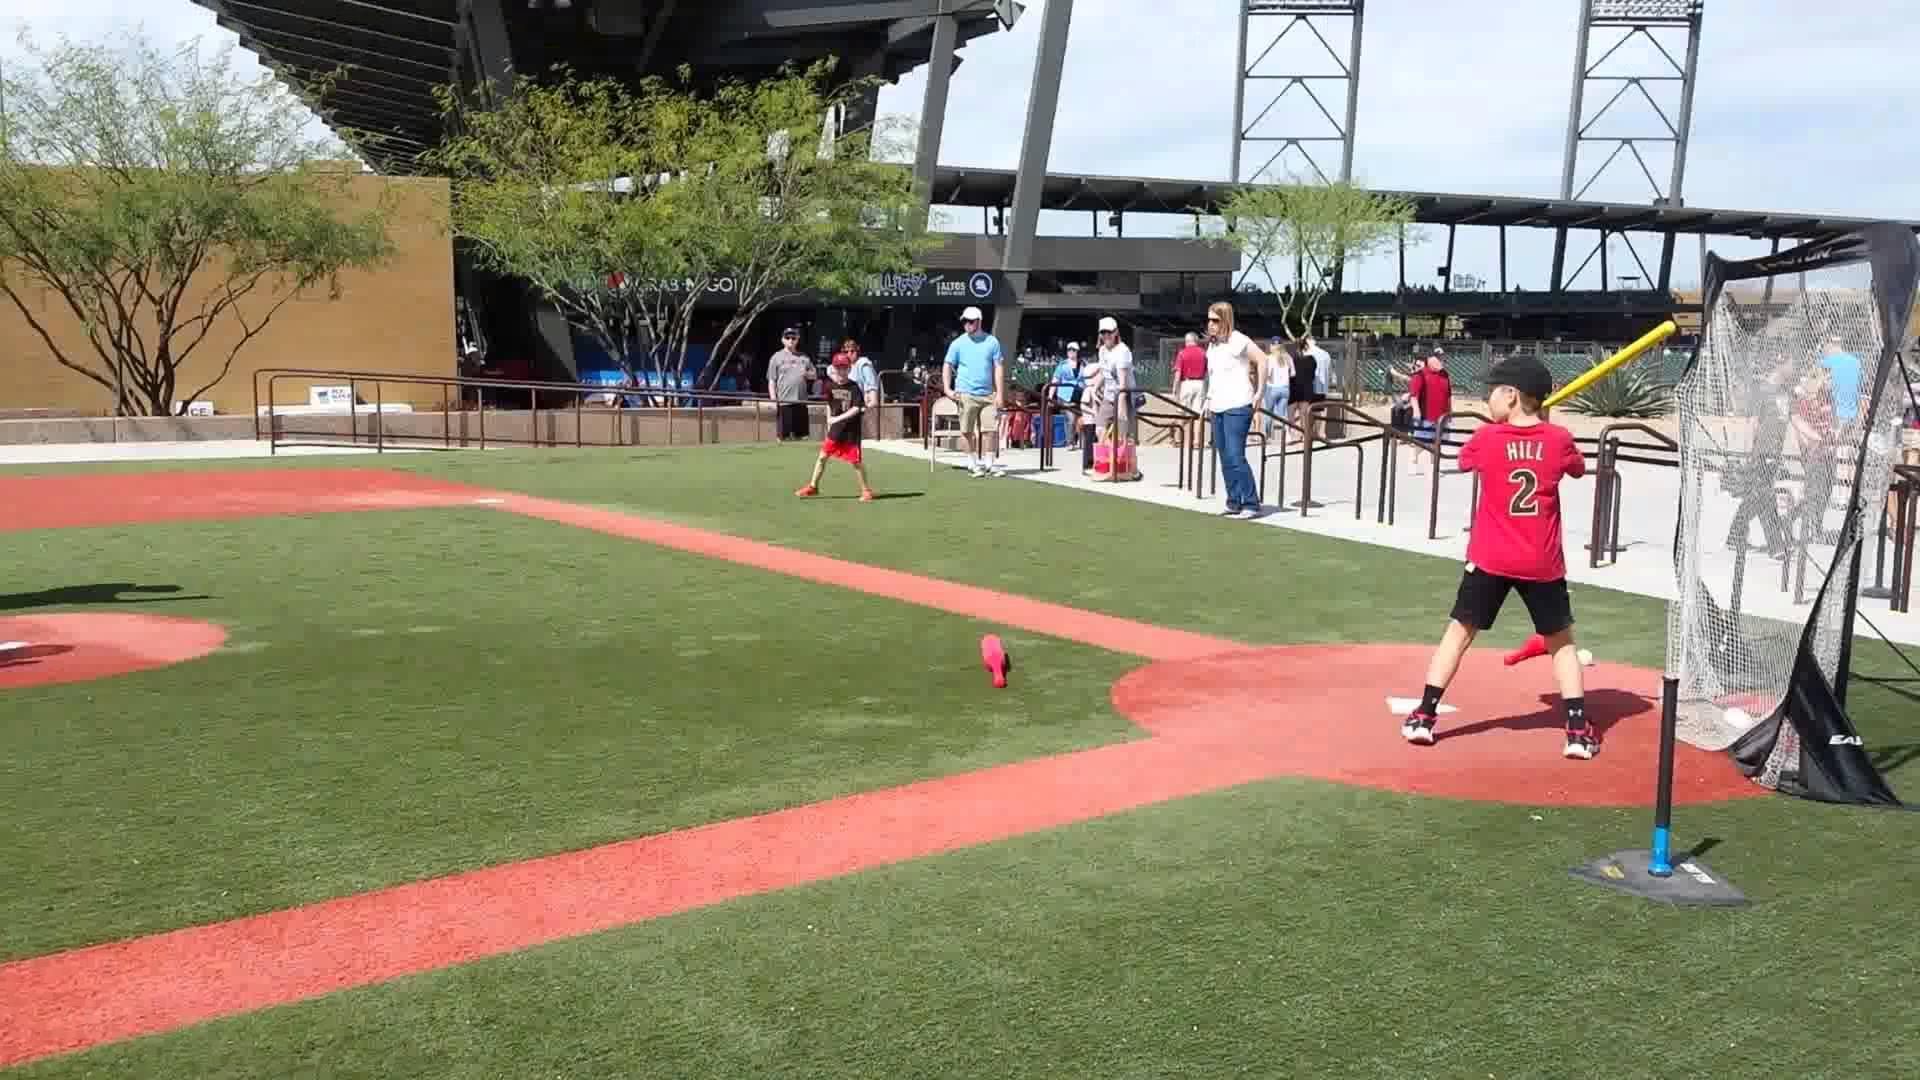 【ウィッフルボール】誰でも魔球を投げられる、野球に似たスポーツを徹底解説